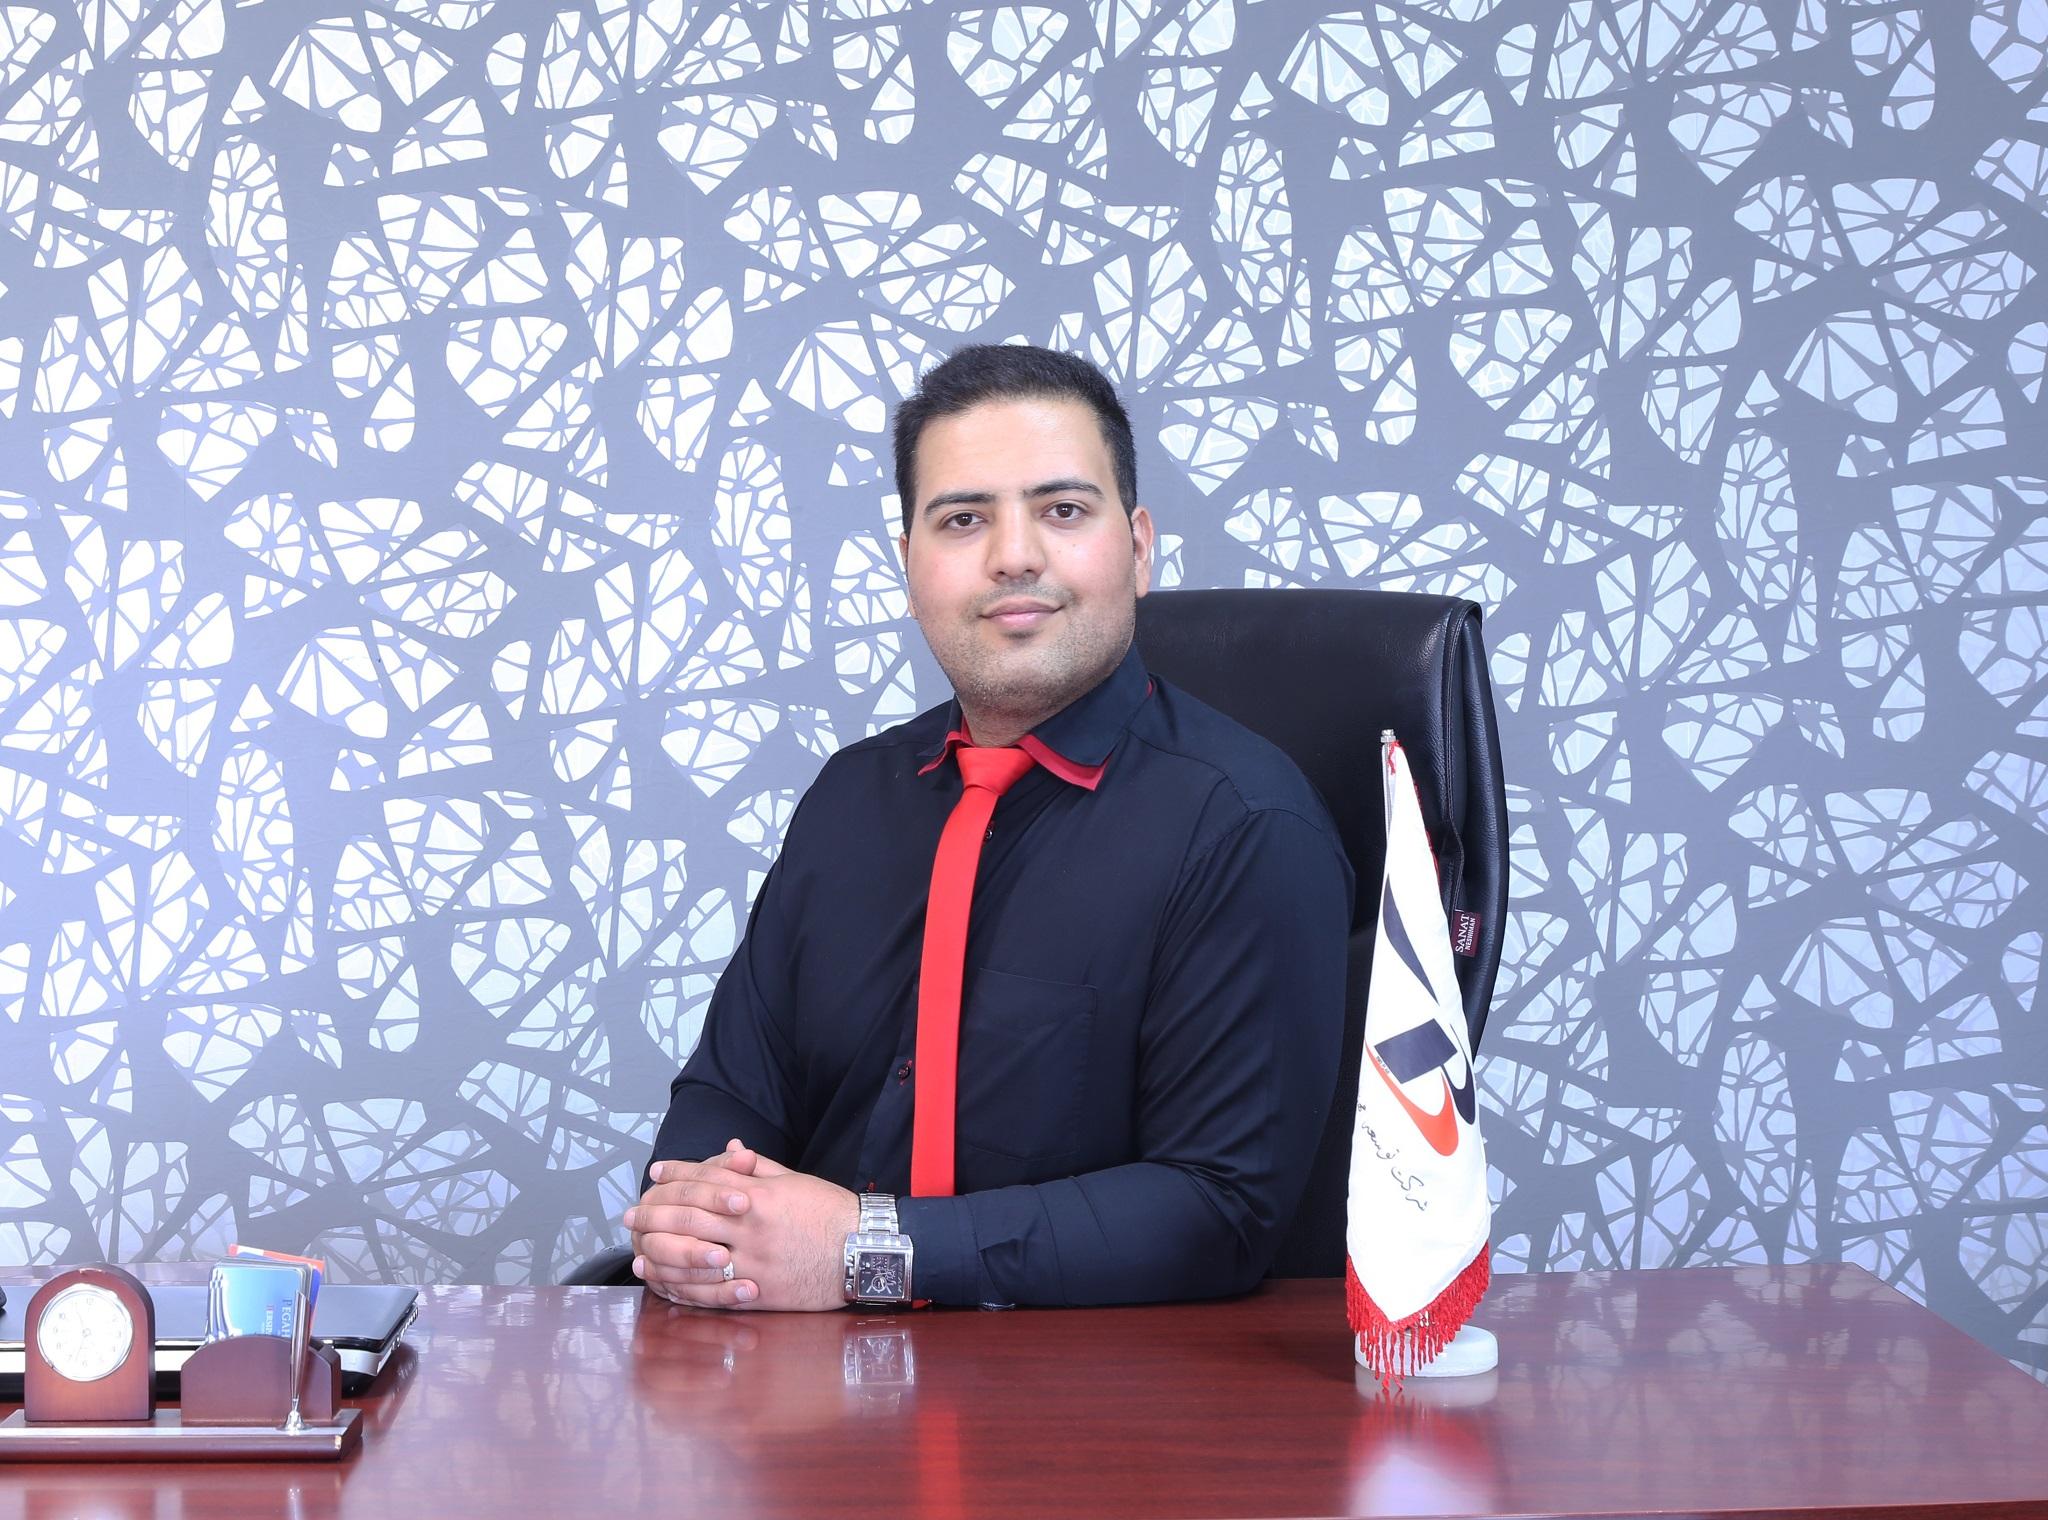 Bersipa Ahmadi